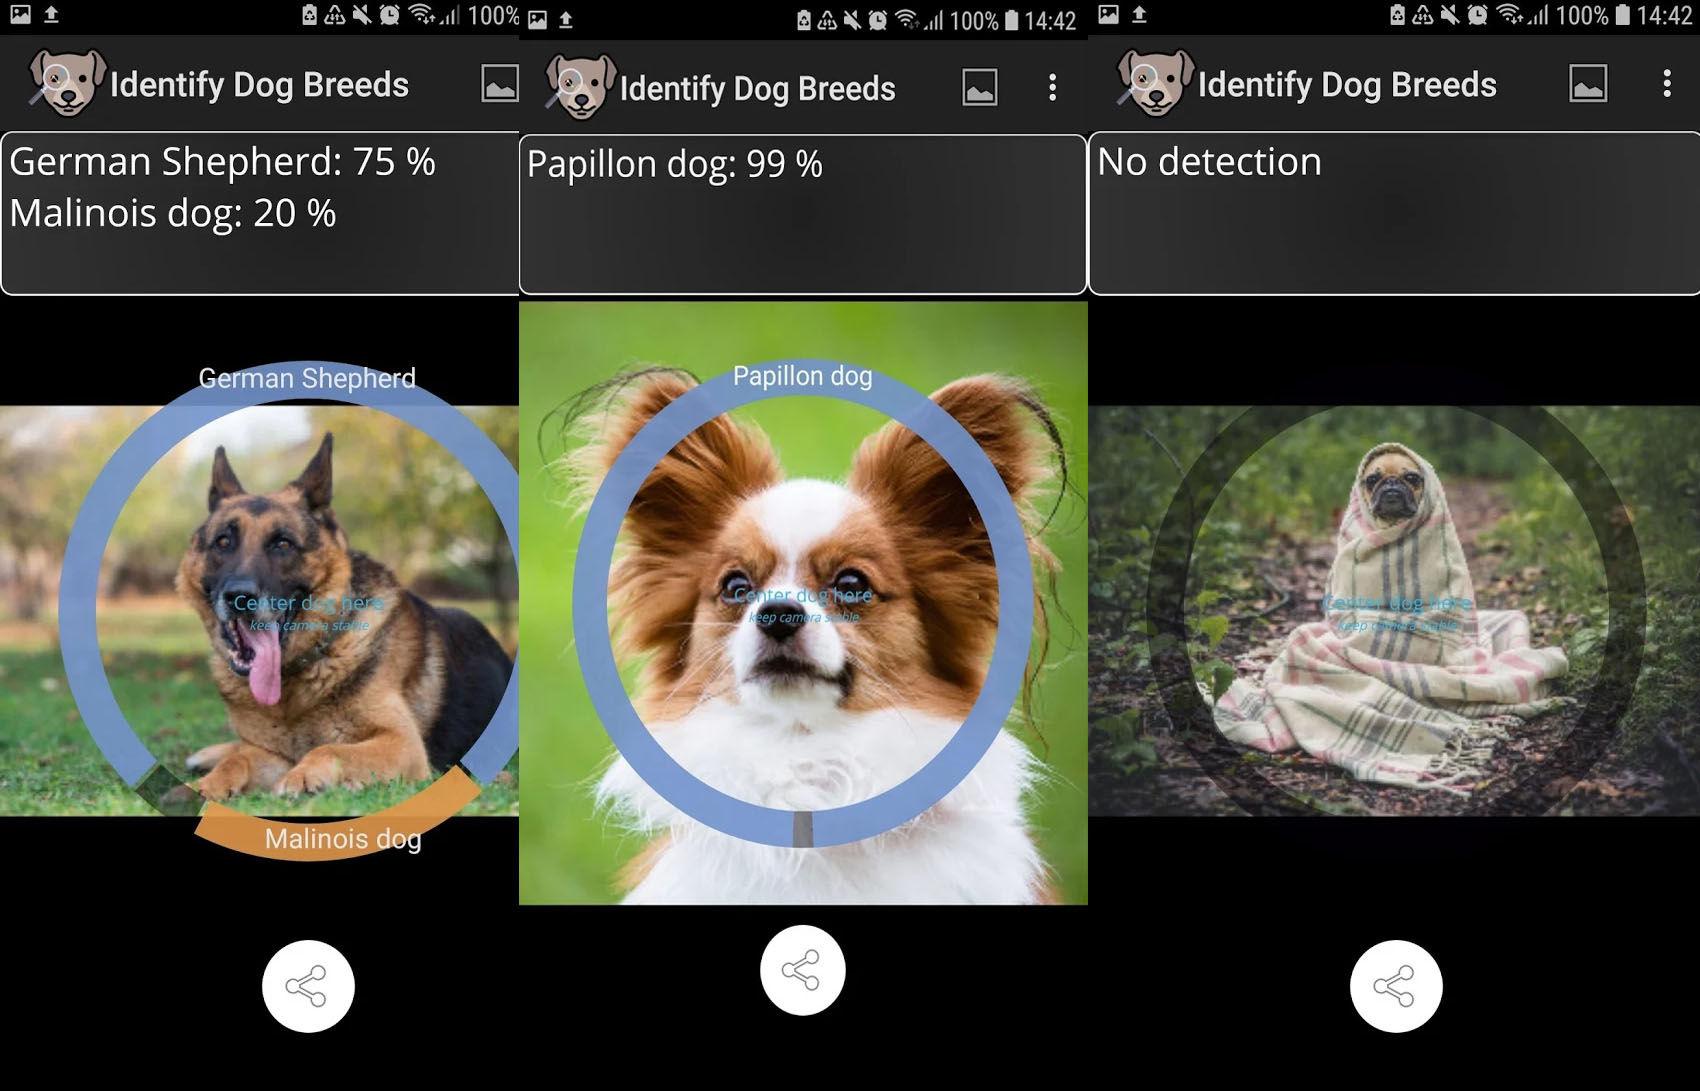 Este scaner identificador de razas caninas necesita 1 GB de espacio libre en el móvil para poder funcionar